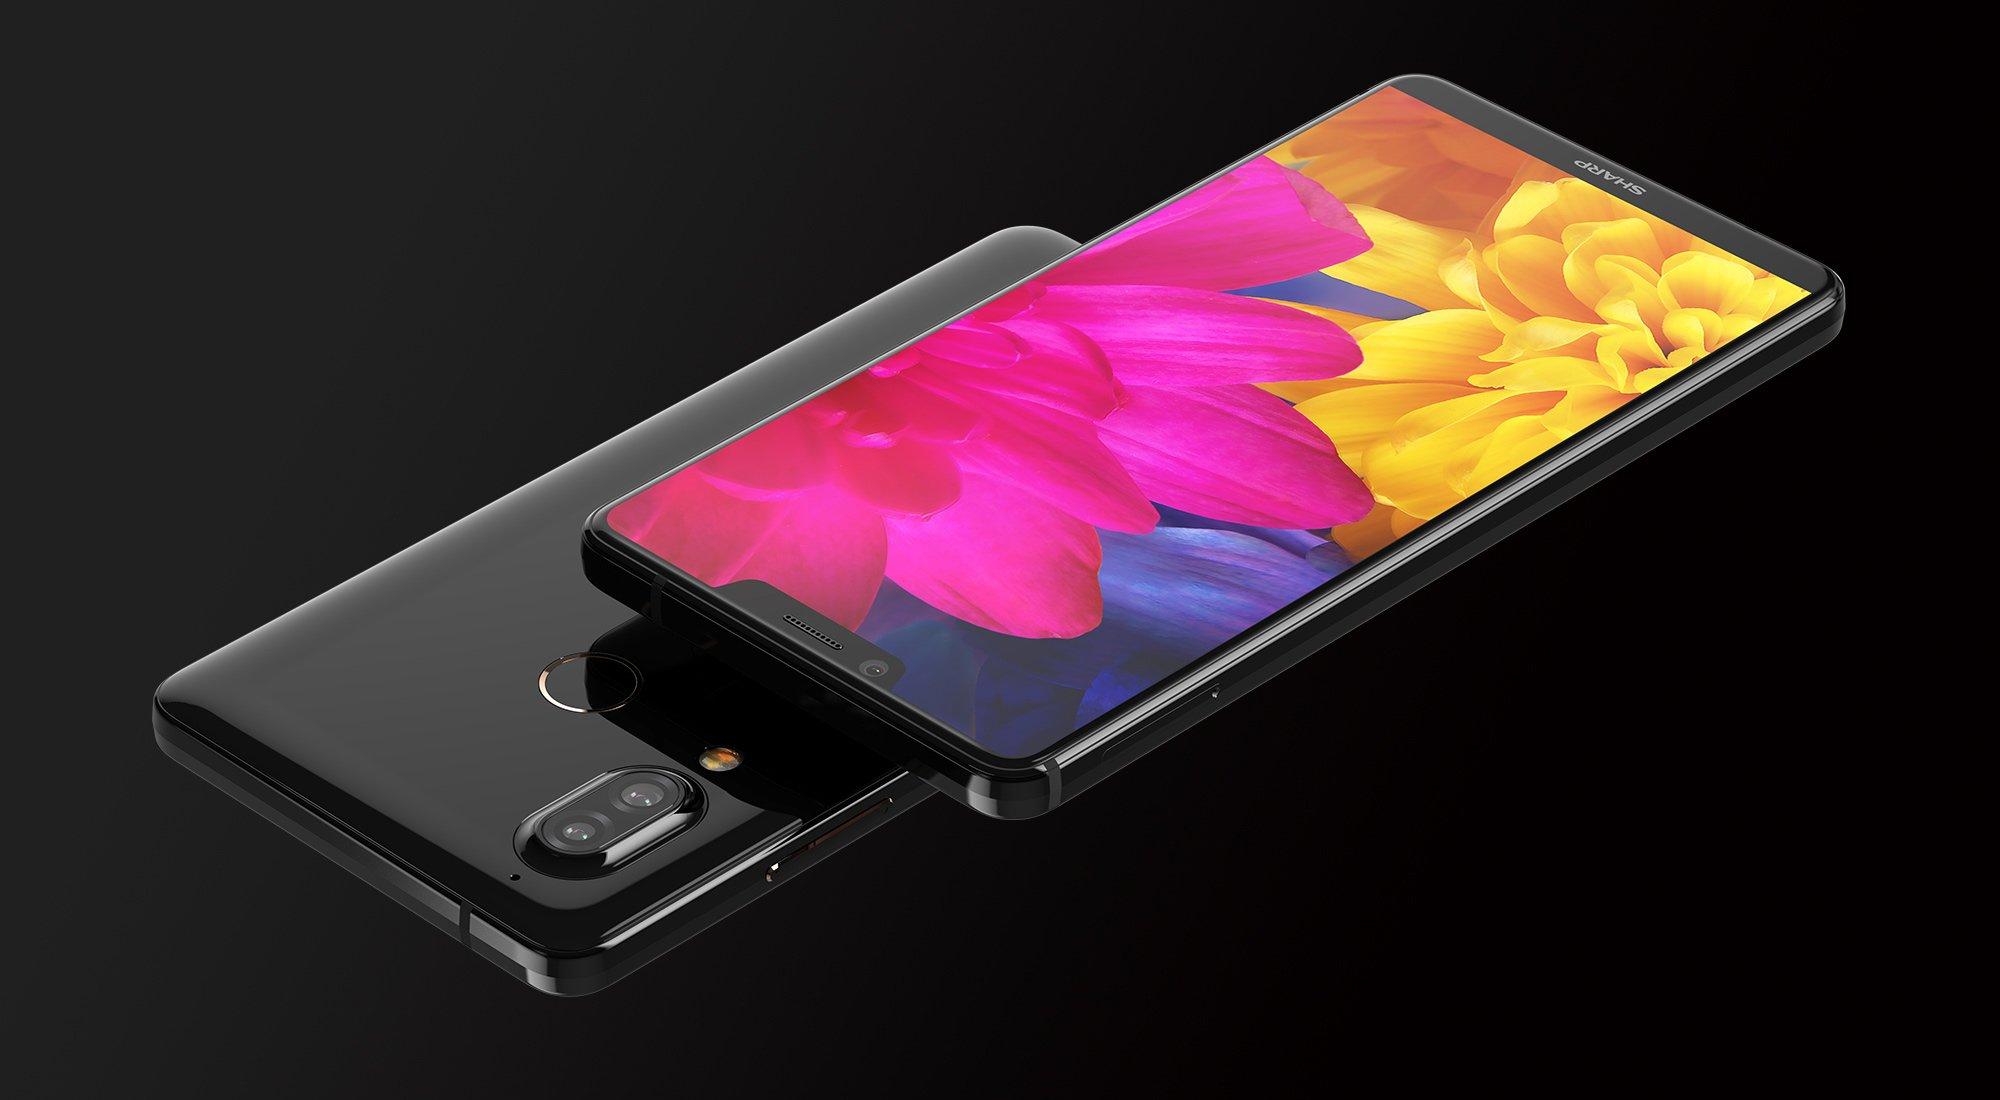 Tabletowo.pl Nowa wersja Sharp Aquos S3 przynosi zmiany, które zadowolą bardziej wymagających użytkowników Android Nowości Sharp Smartfony